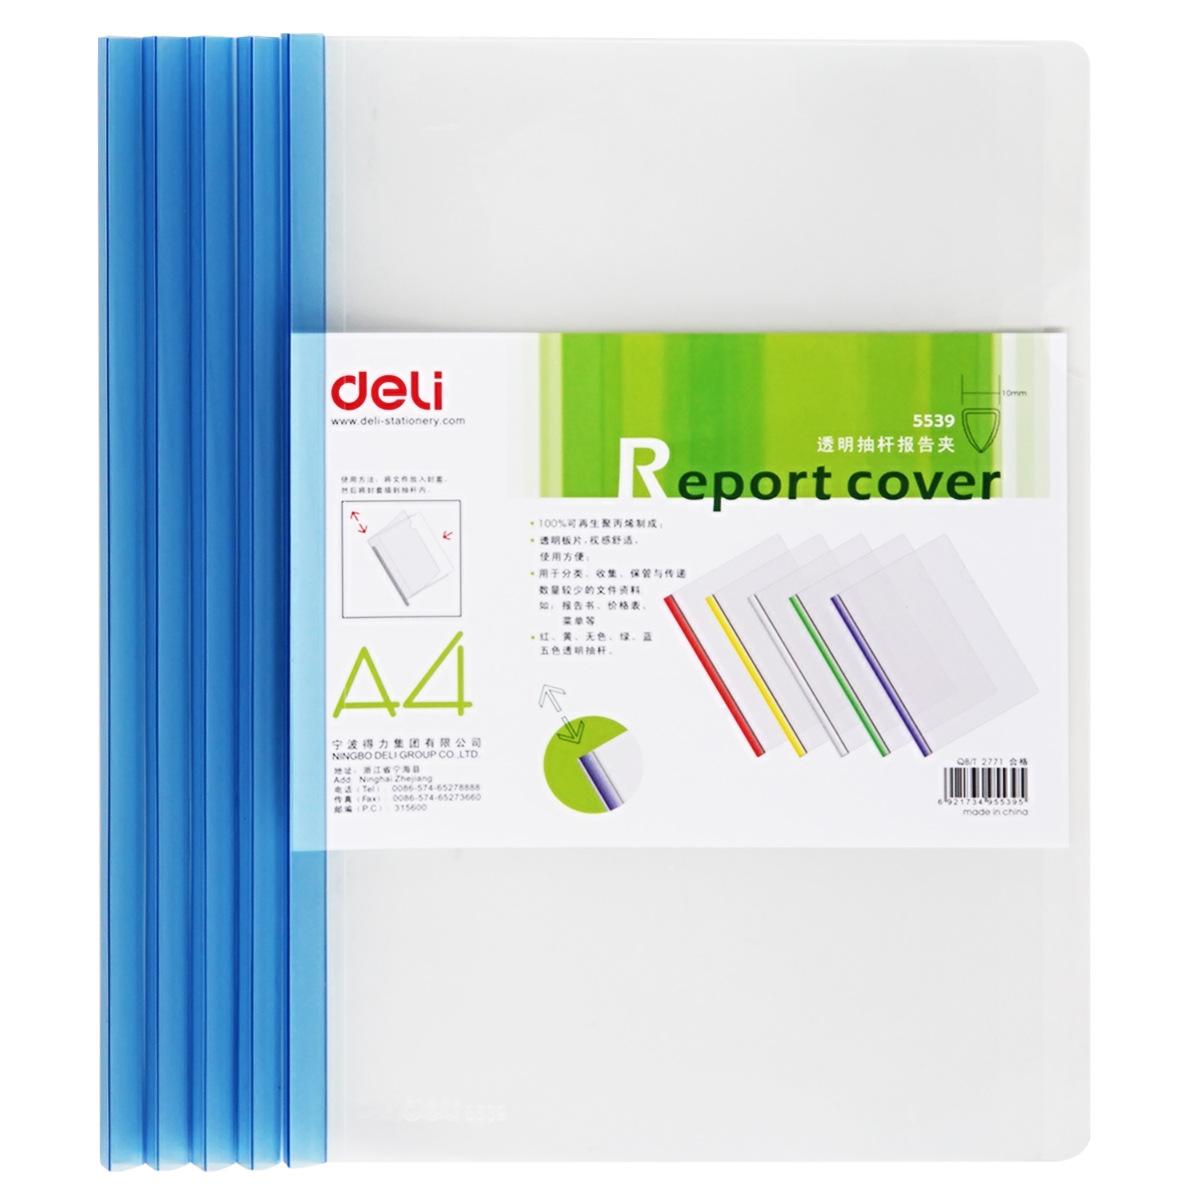 Bìa nhựa cứng kẹp lưu trữ giấy tờ .